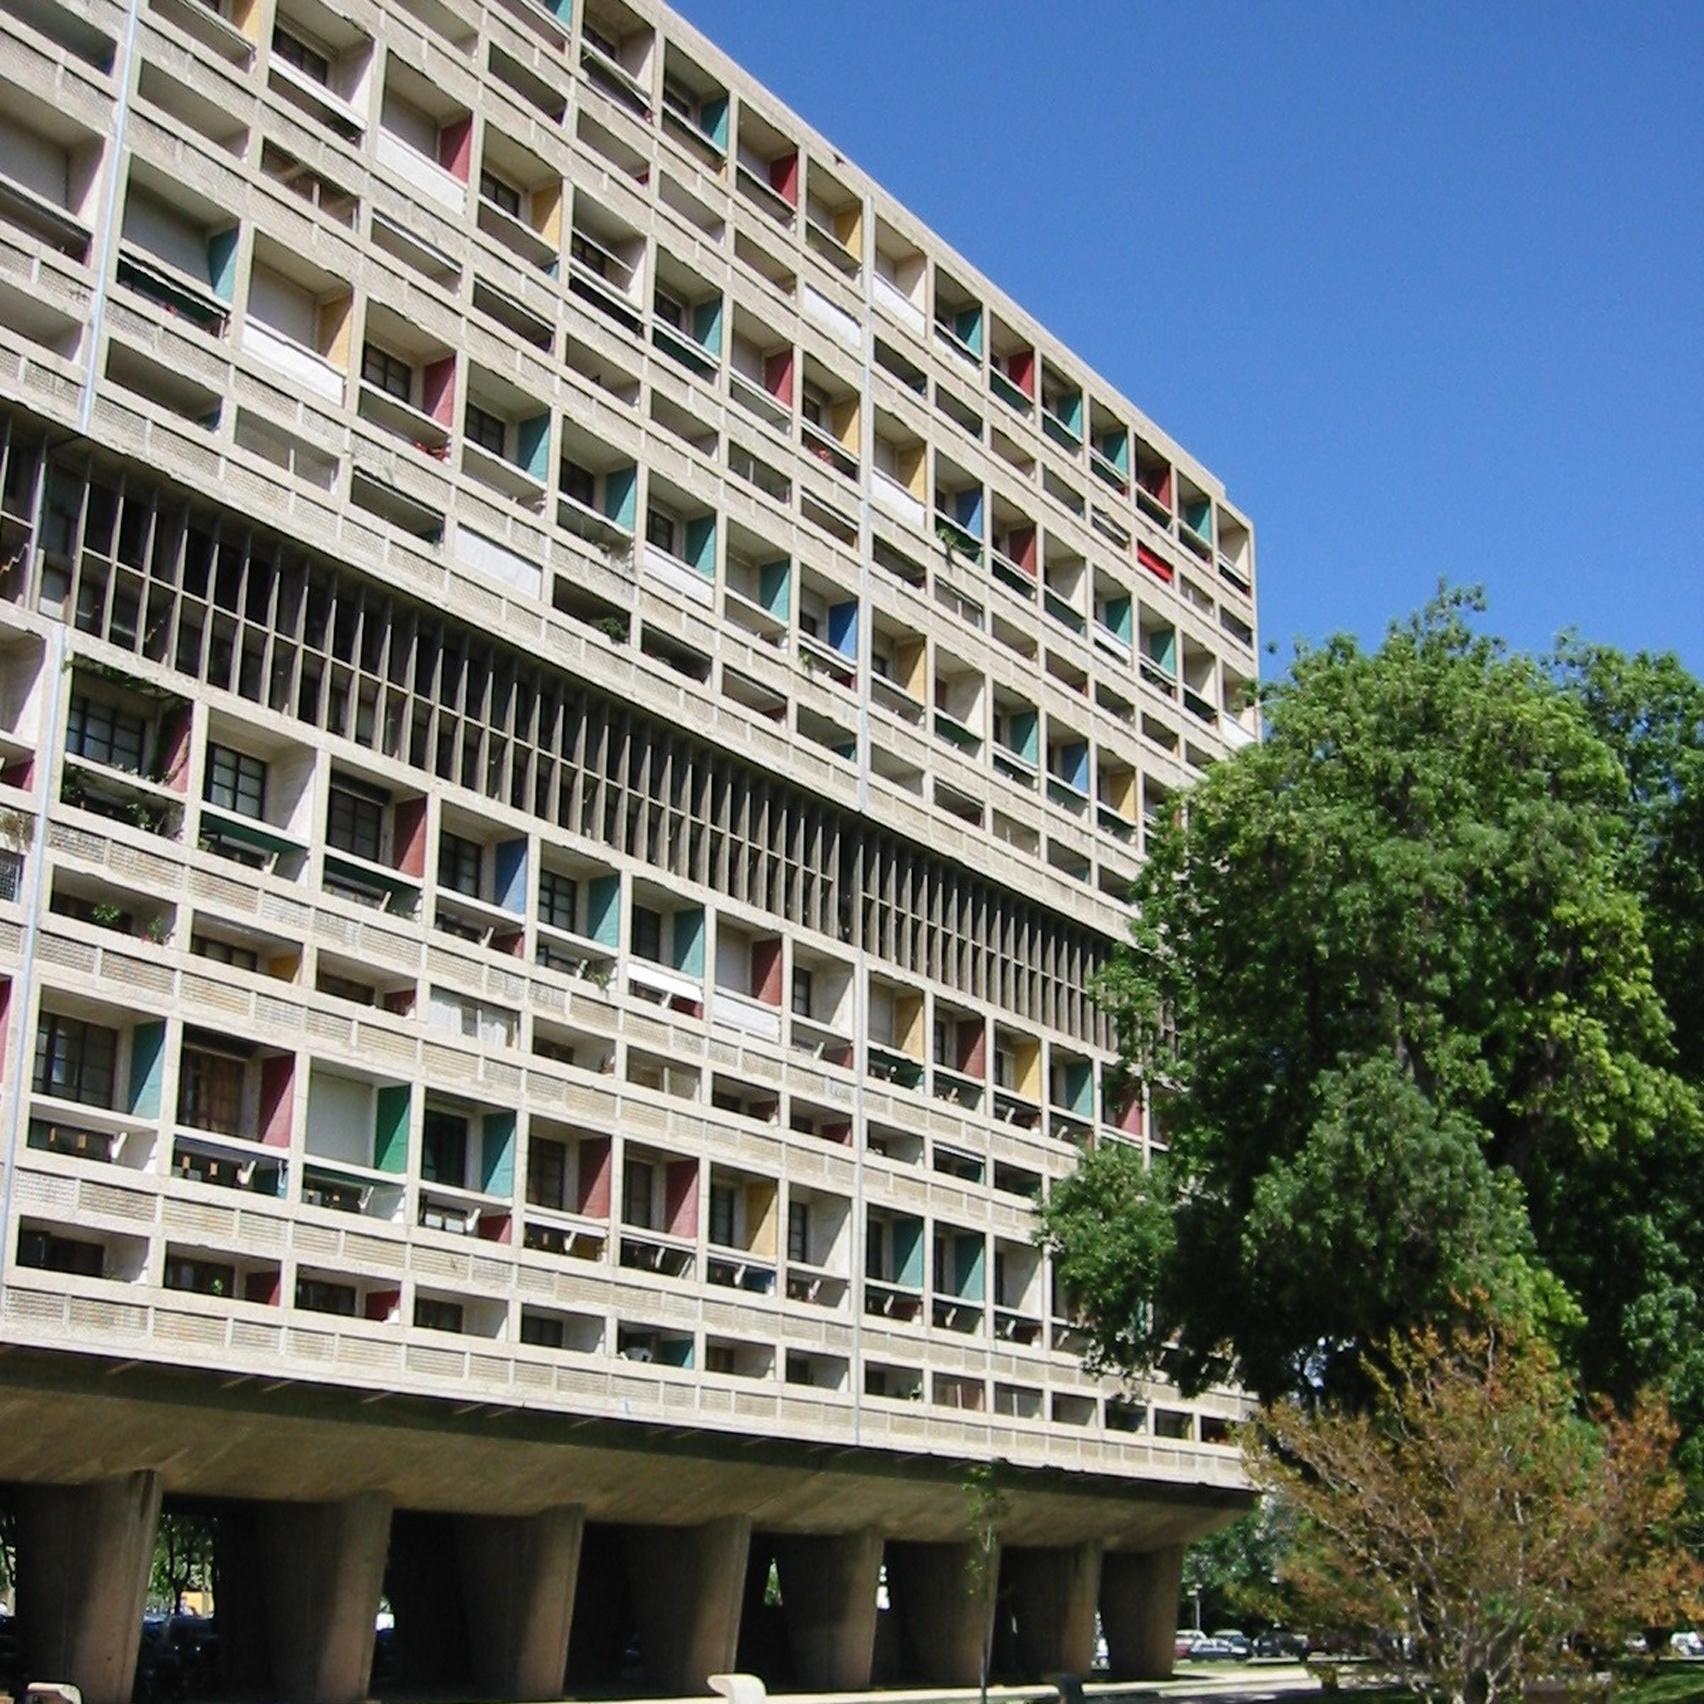 Le Corbusier Unite D Habitation le corbusier | dezeen hot list 2016